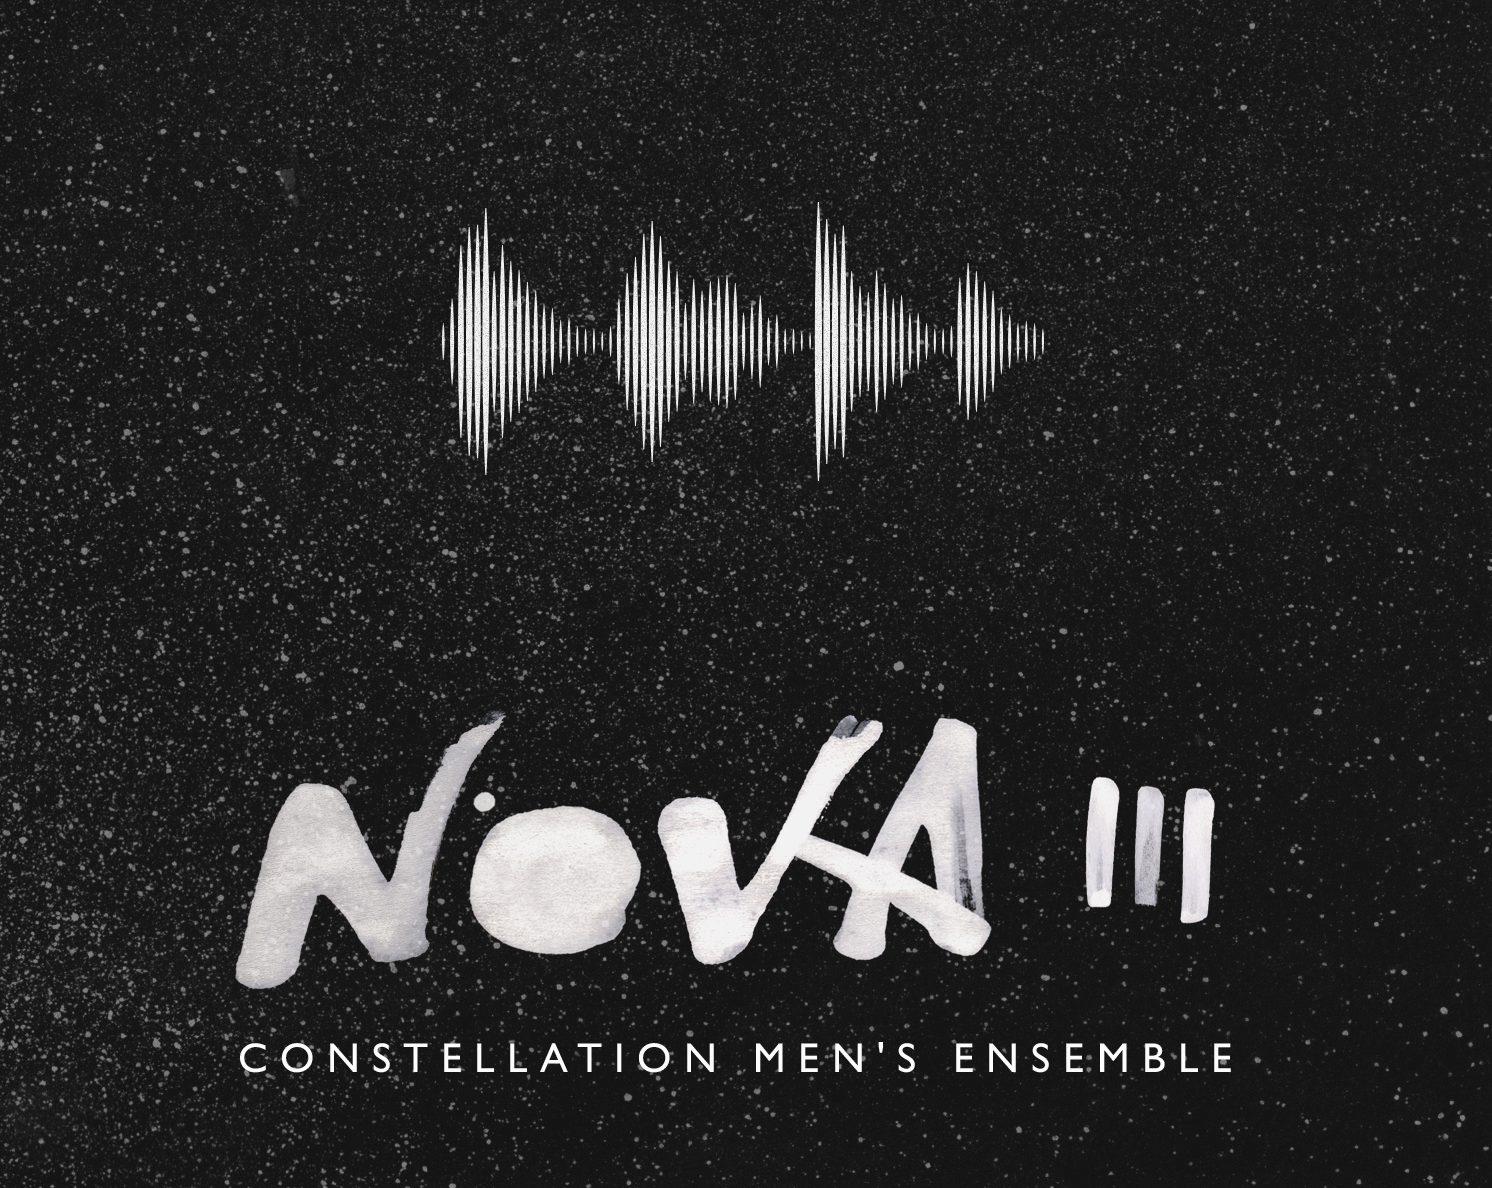 Nova III image